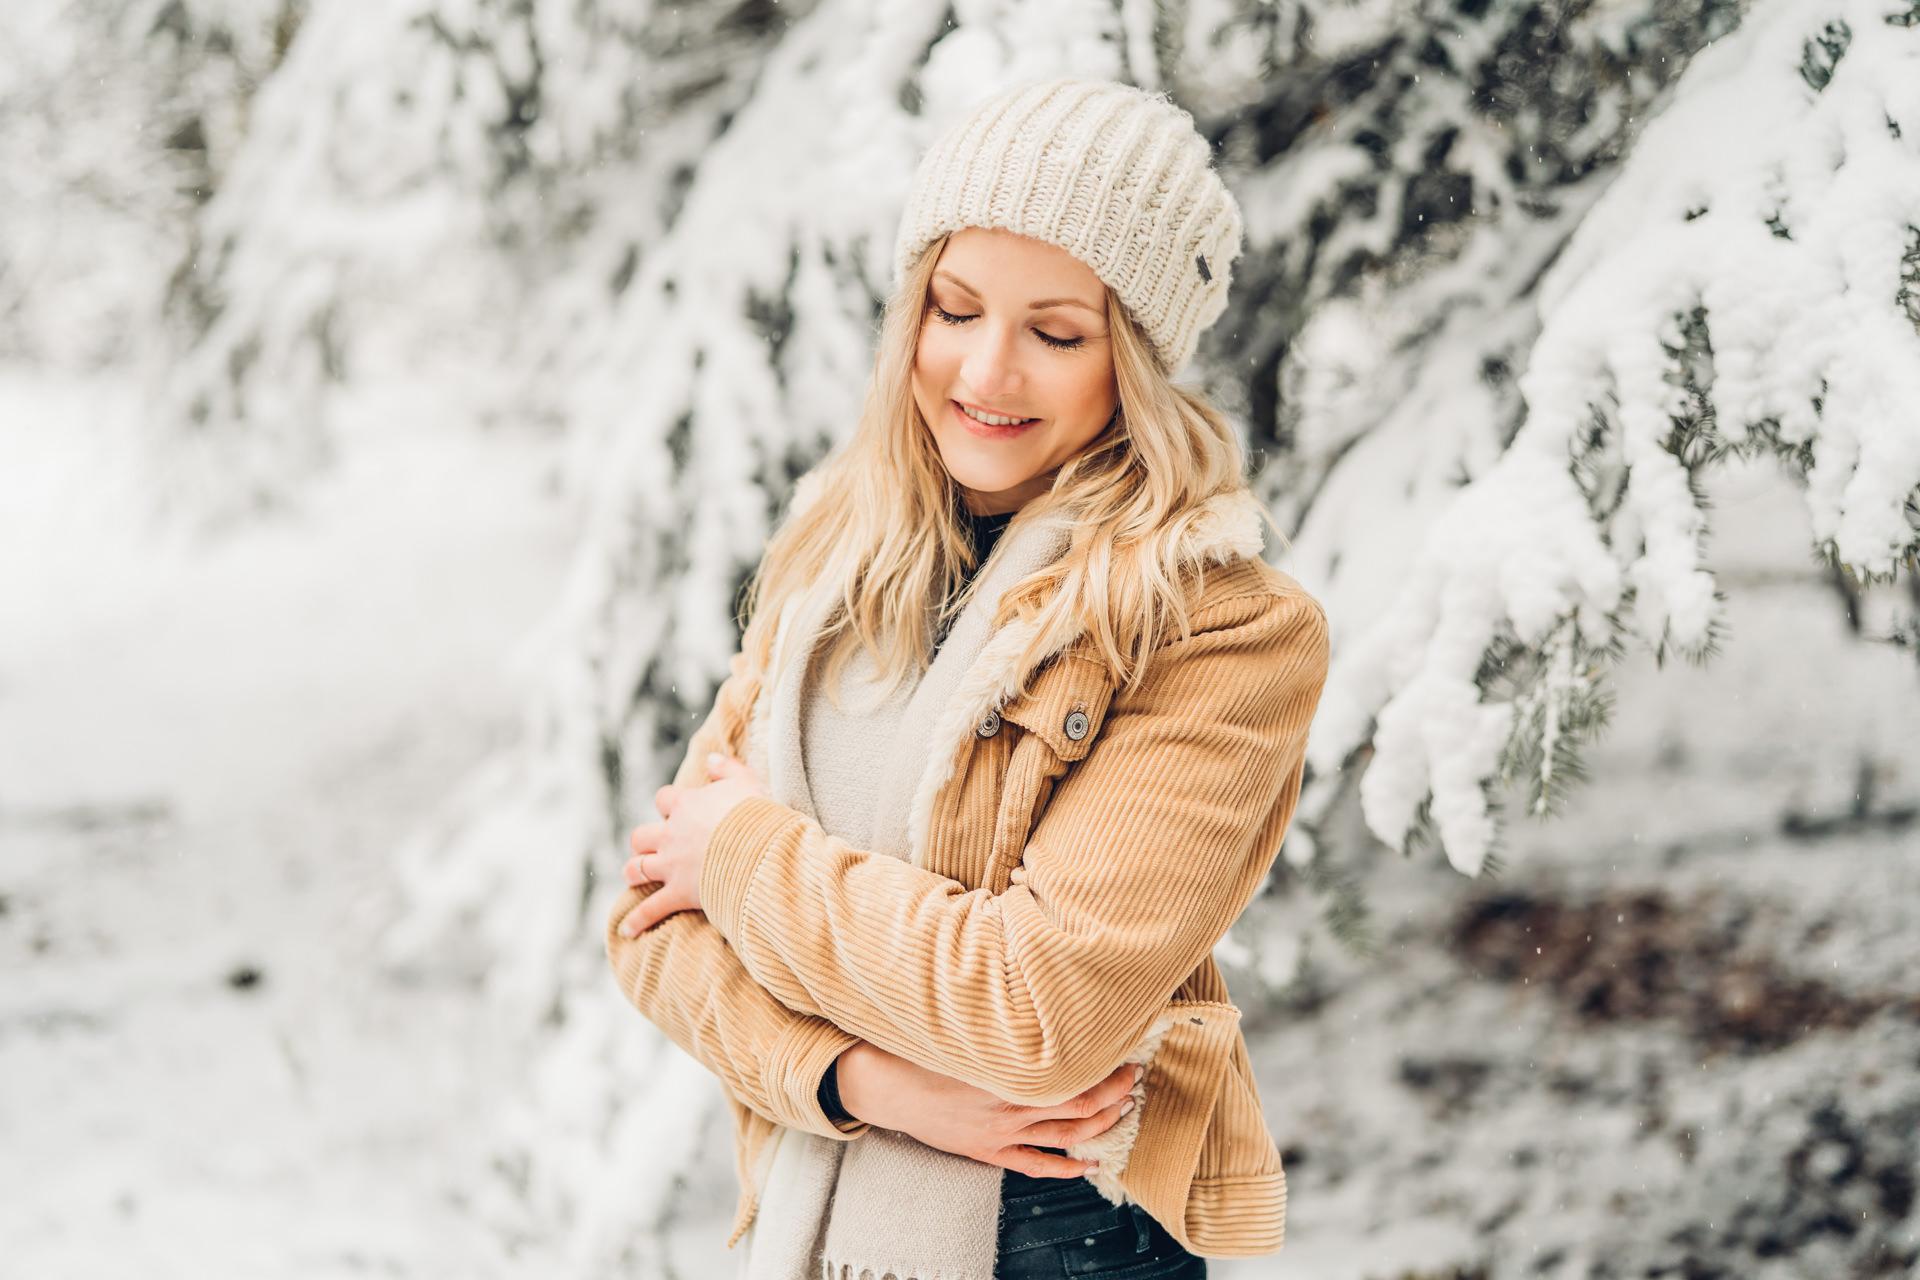 Junge Frau Winter Portrait im Schnee